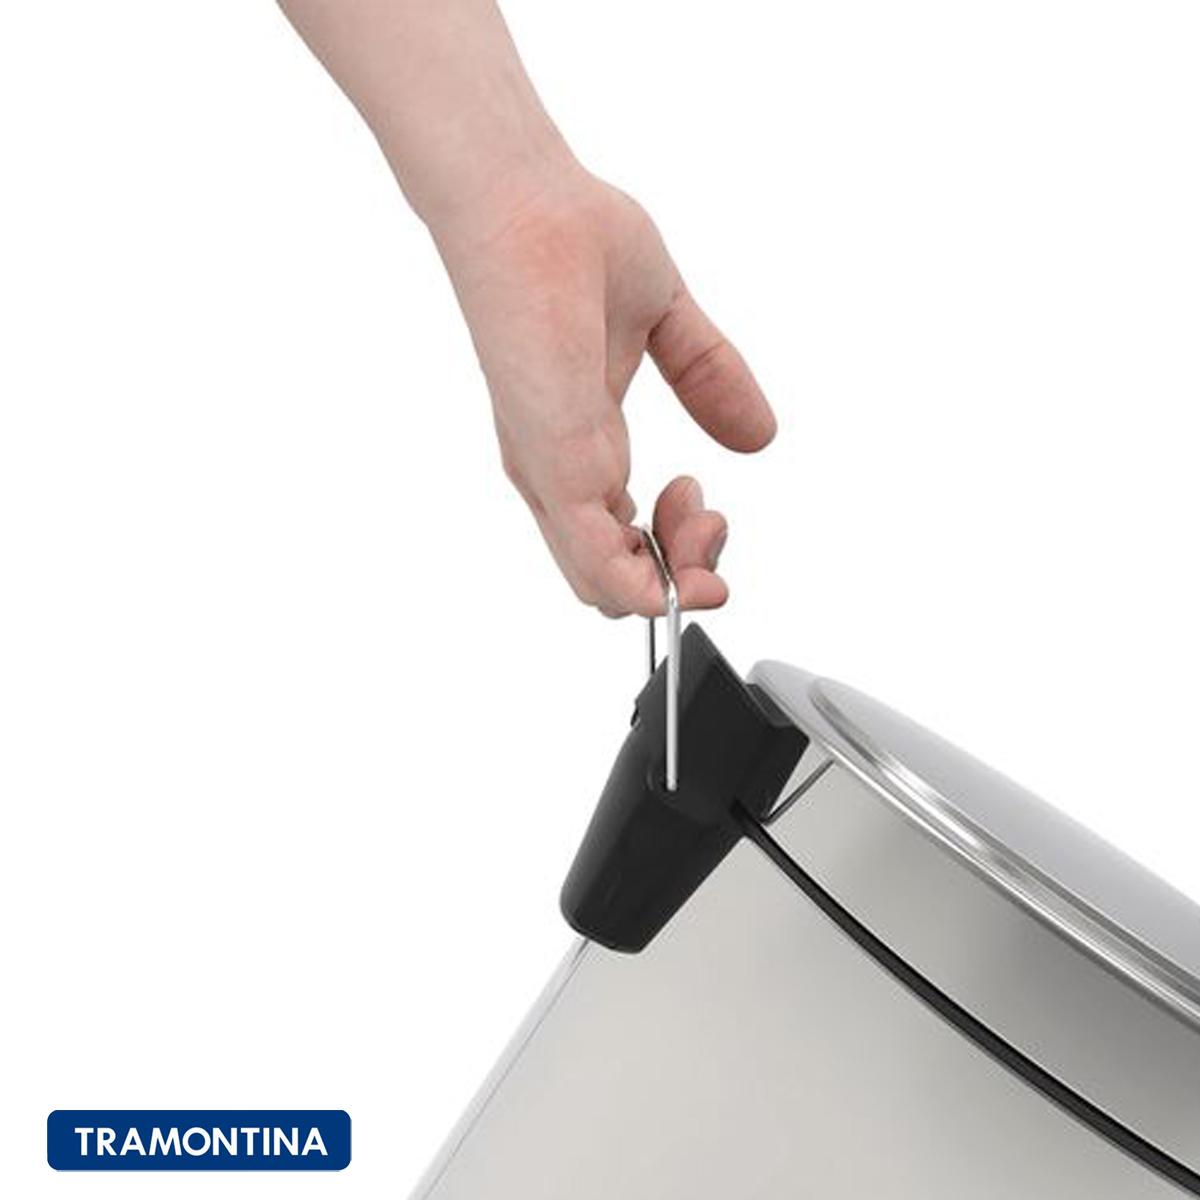 Lixeira Tramontina pedal 5 Litros com Balde Interno